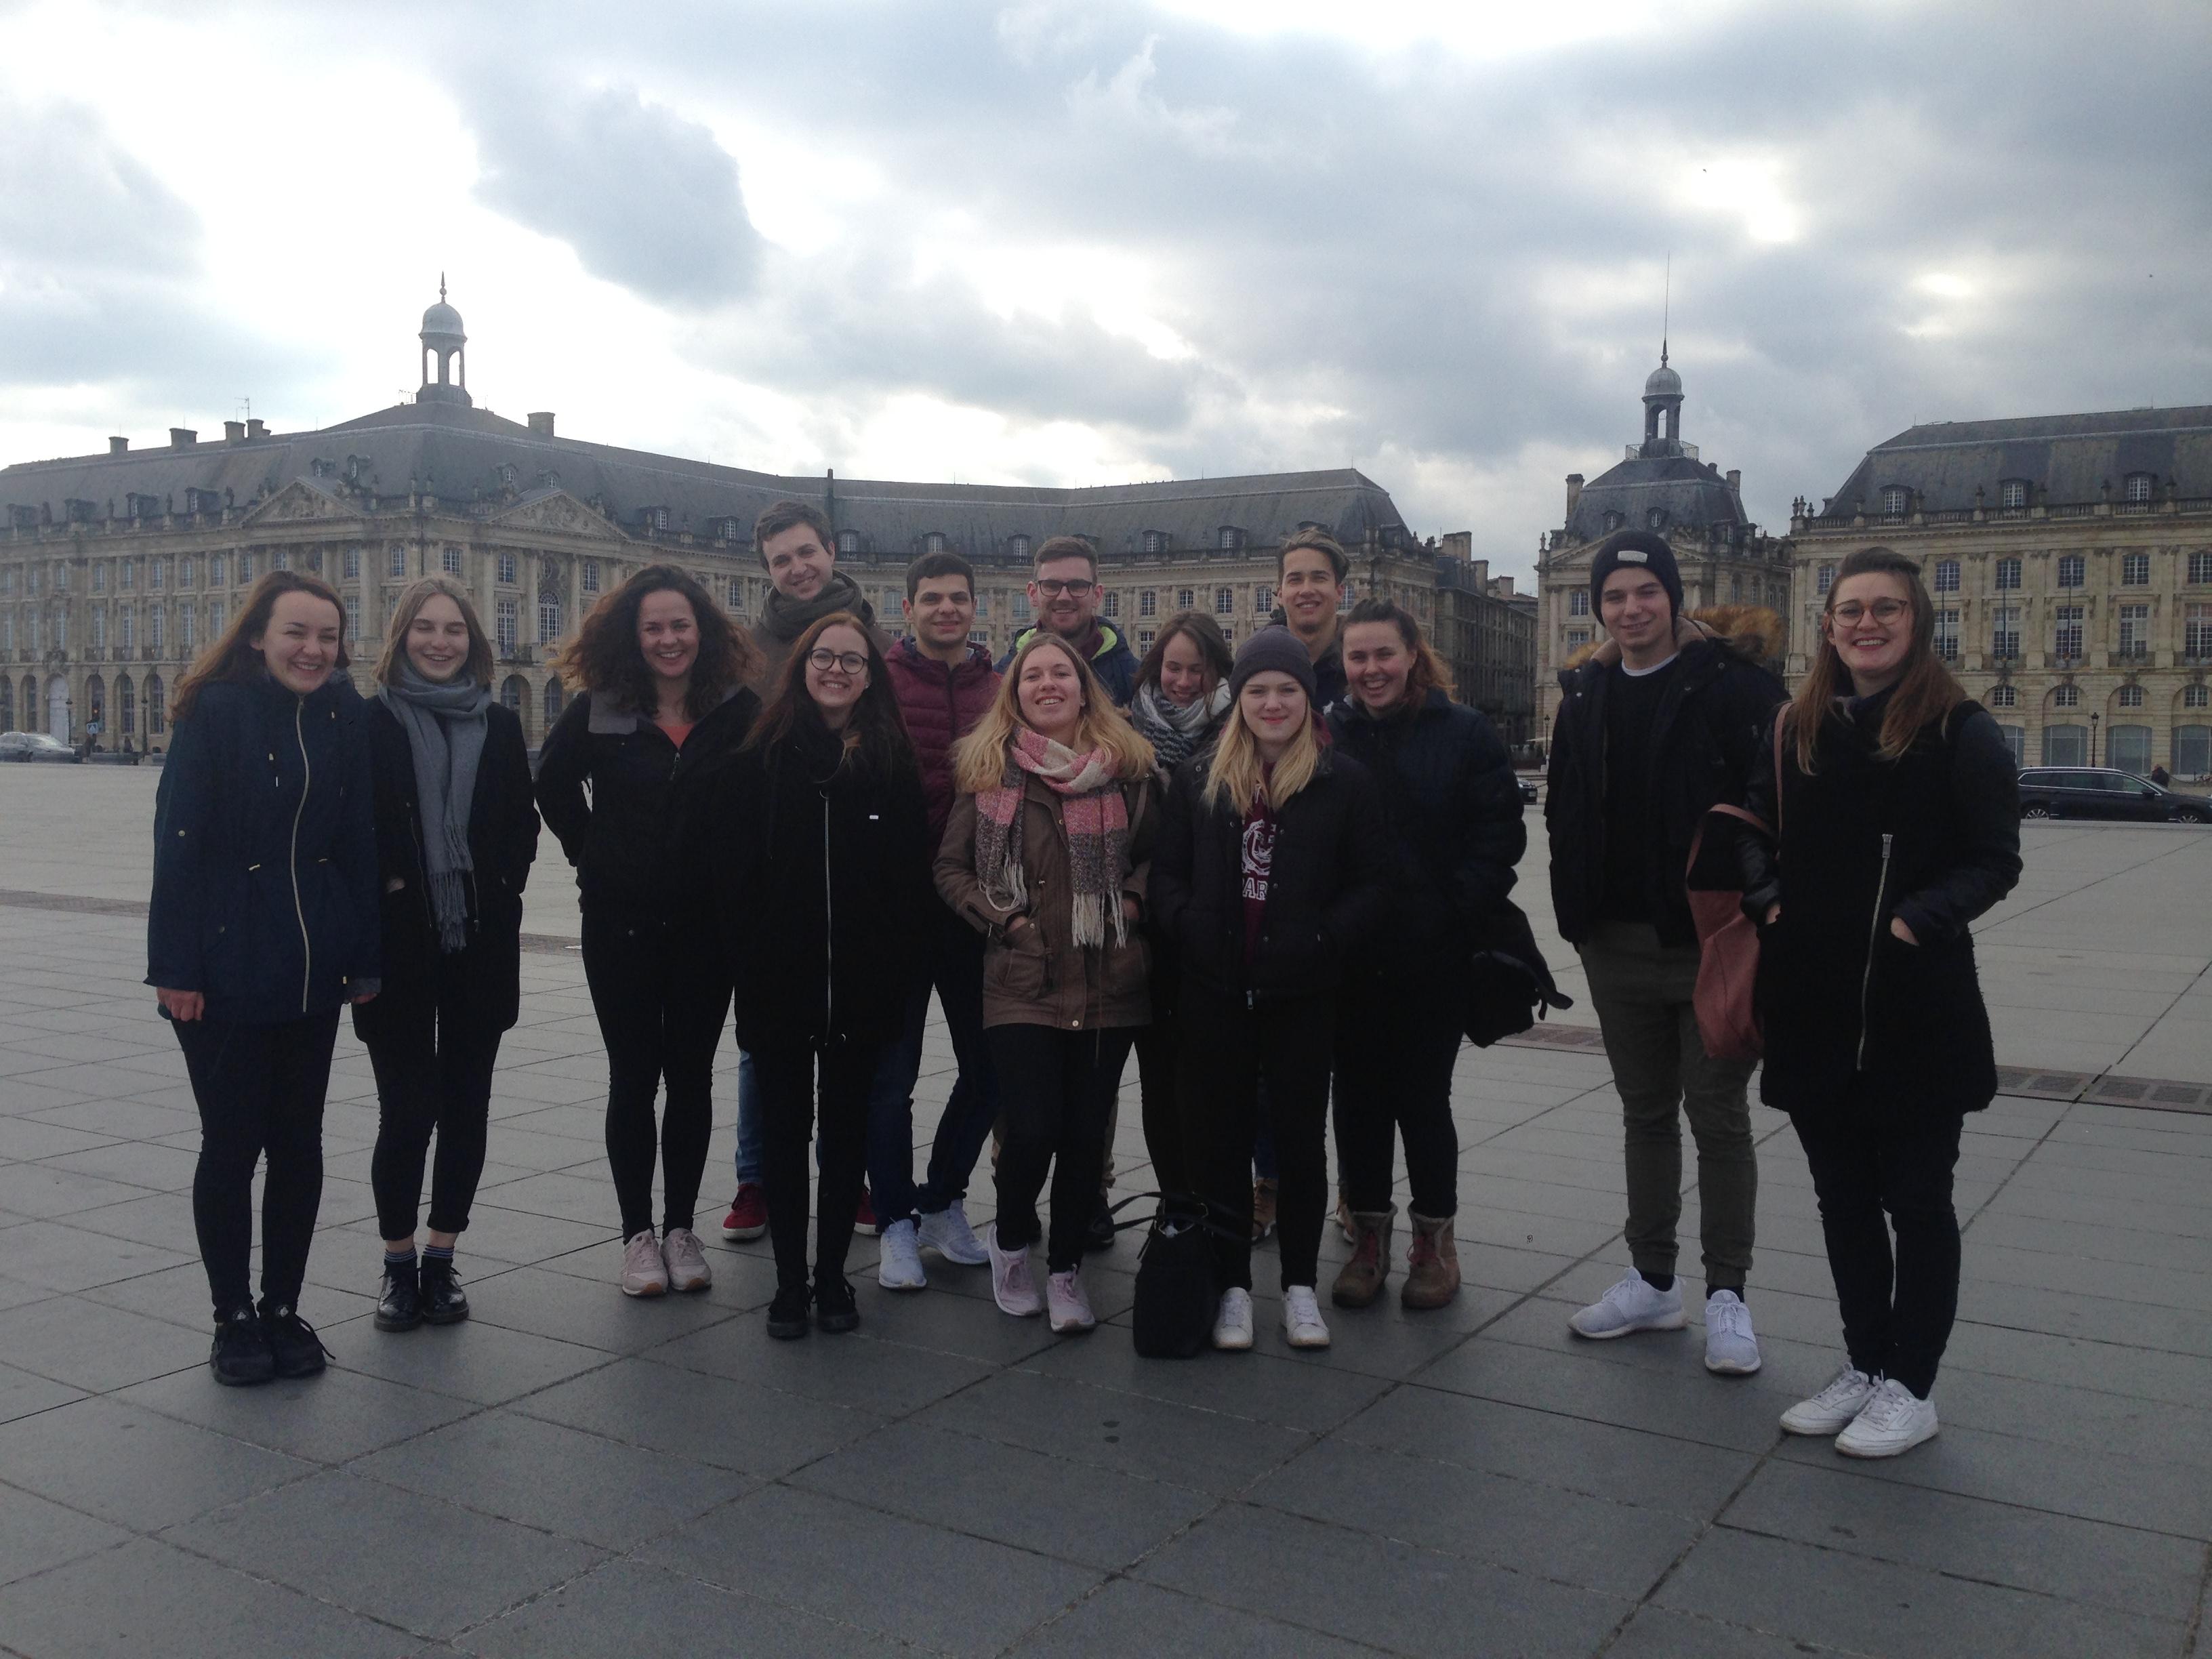 visite de la ville city tour interculturalité bordeaux européen suisse europe erasmus association odyssée